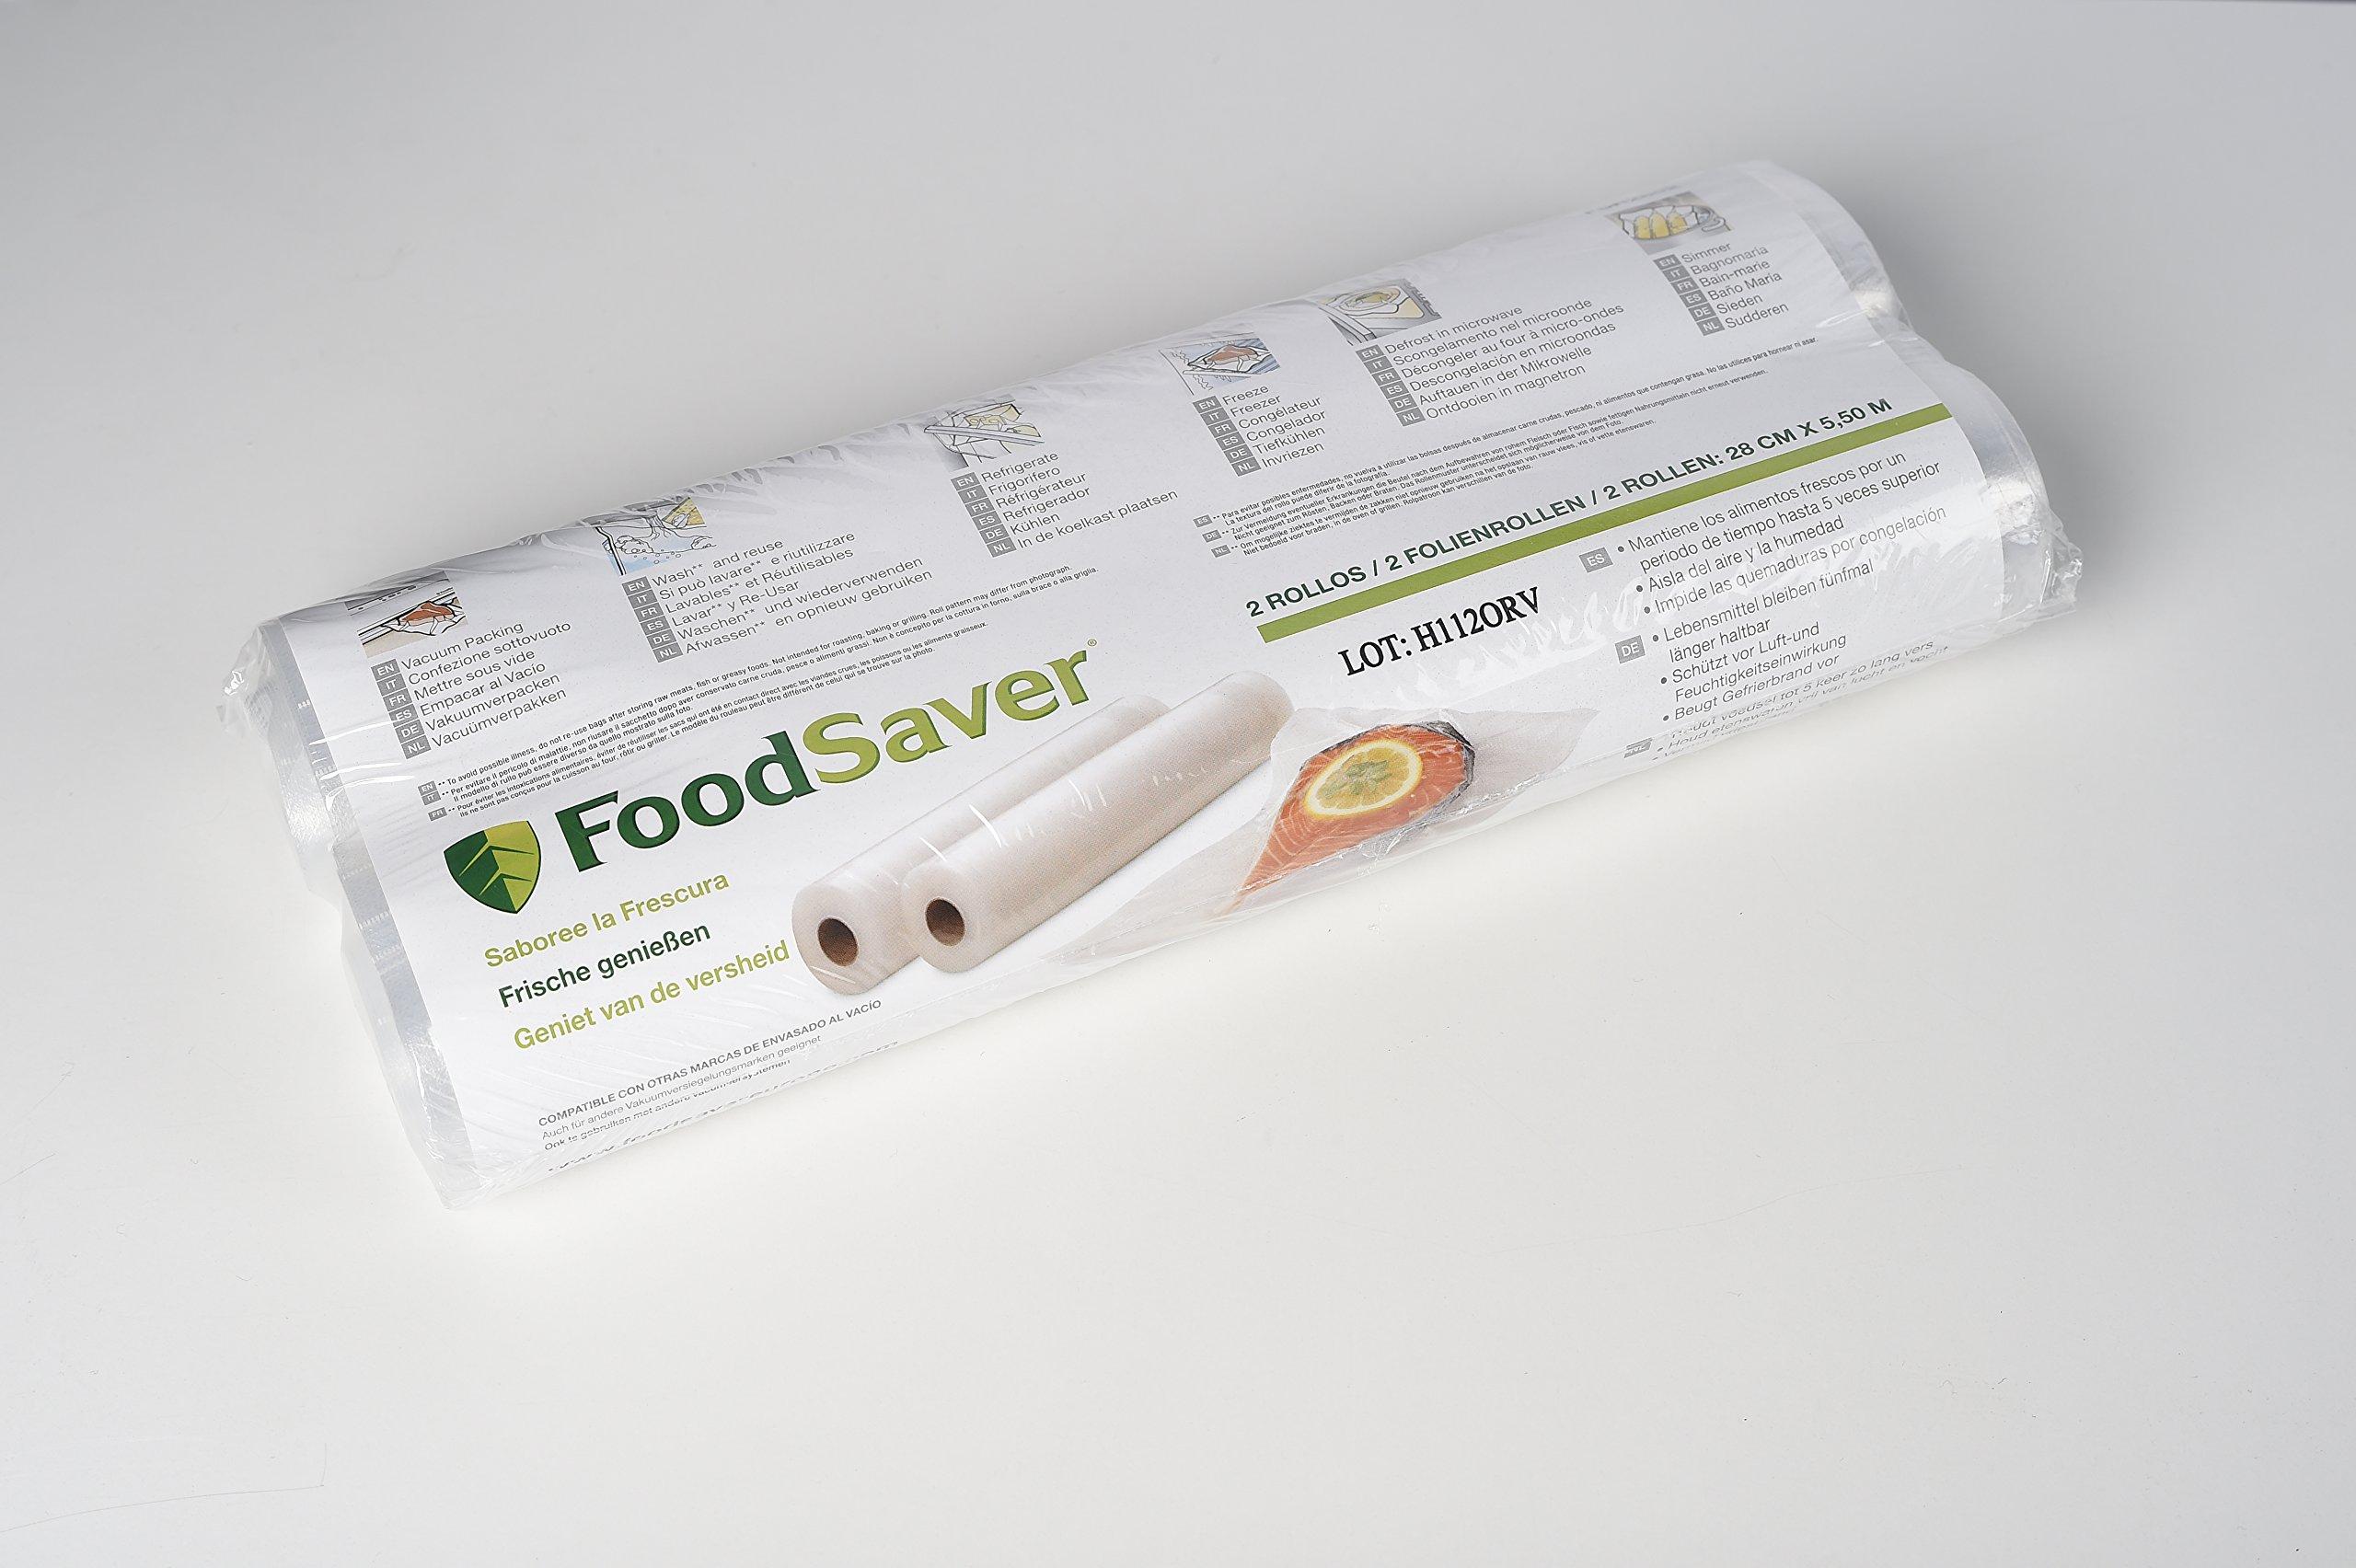 Foodsaver FSR2802-I - Rollos para envasado al vacío product image